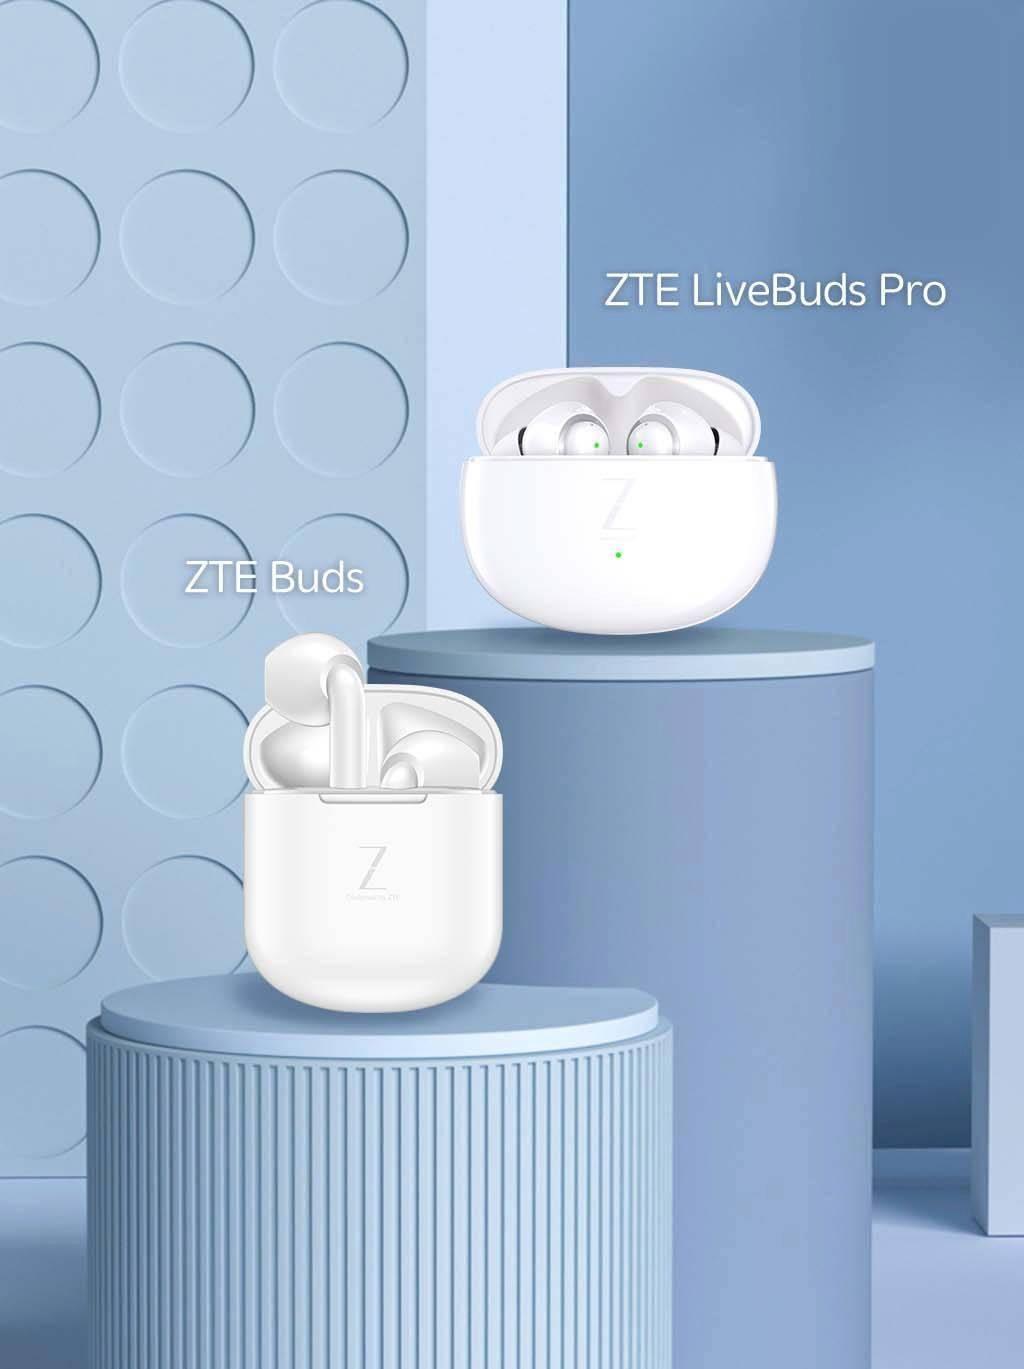 中兴 ZTE LiveBuds Pro/ZTE Buds 两款耳机将随 Axon30 手机